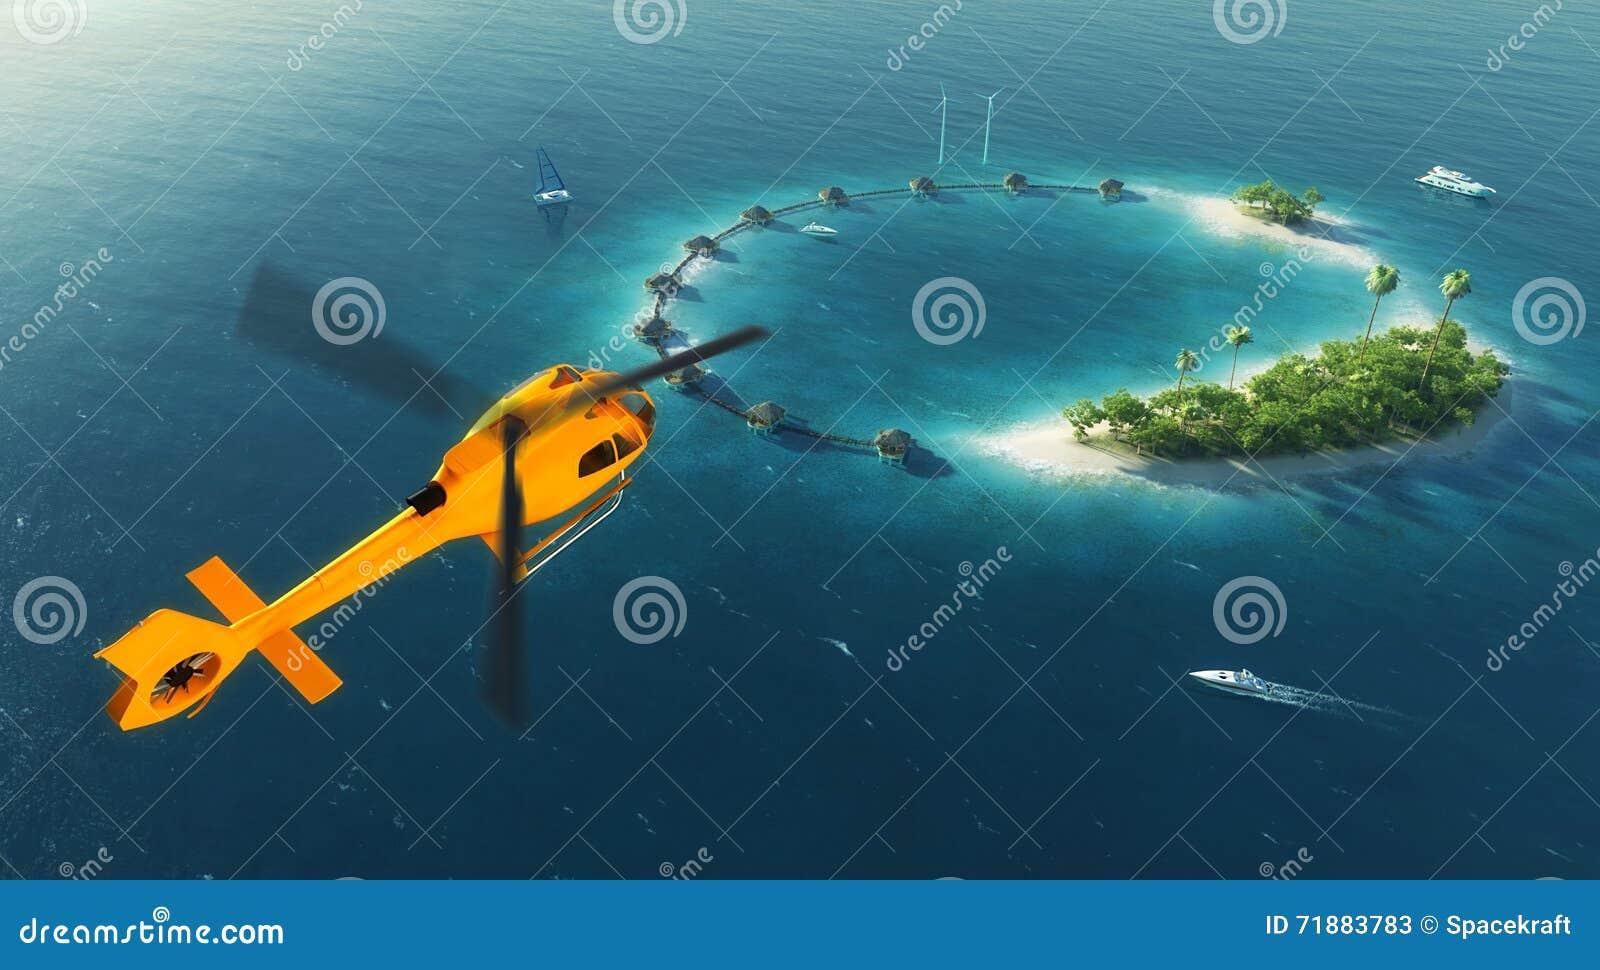 Isla tropical del verano Pequeño helicóptero que vuela a la isla tropical del paraíso privado con energía y casas de planta baja